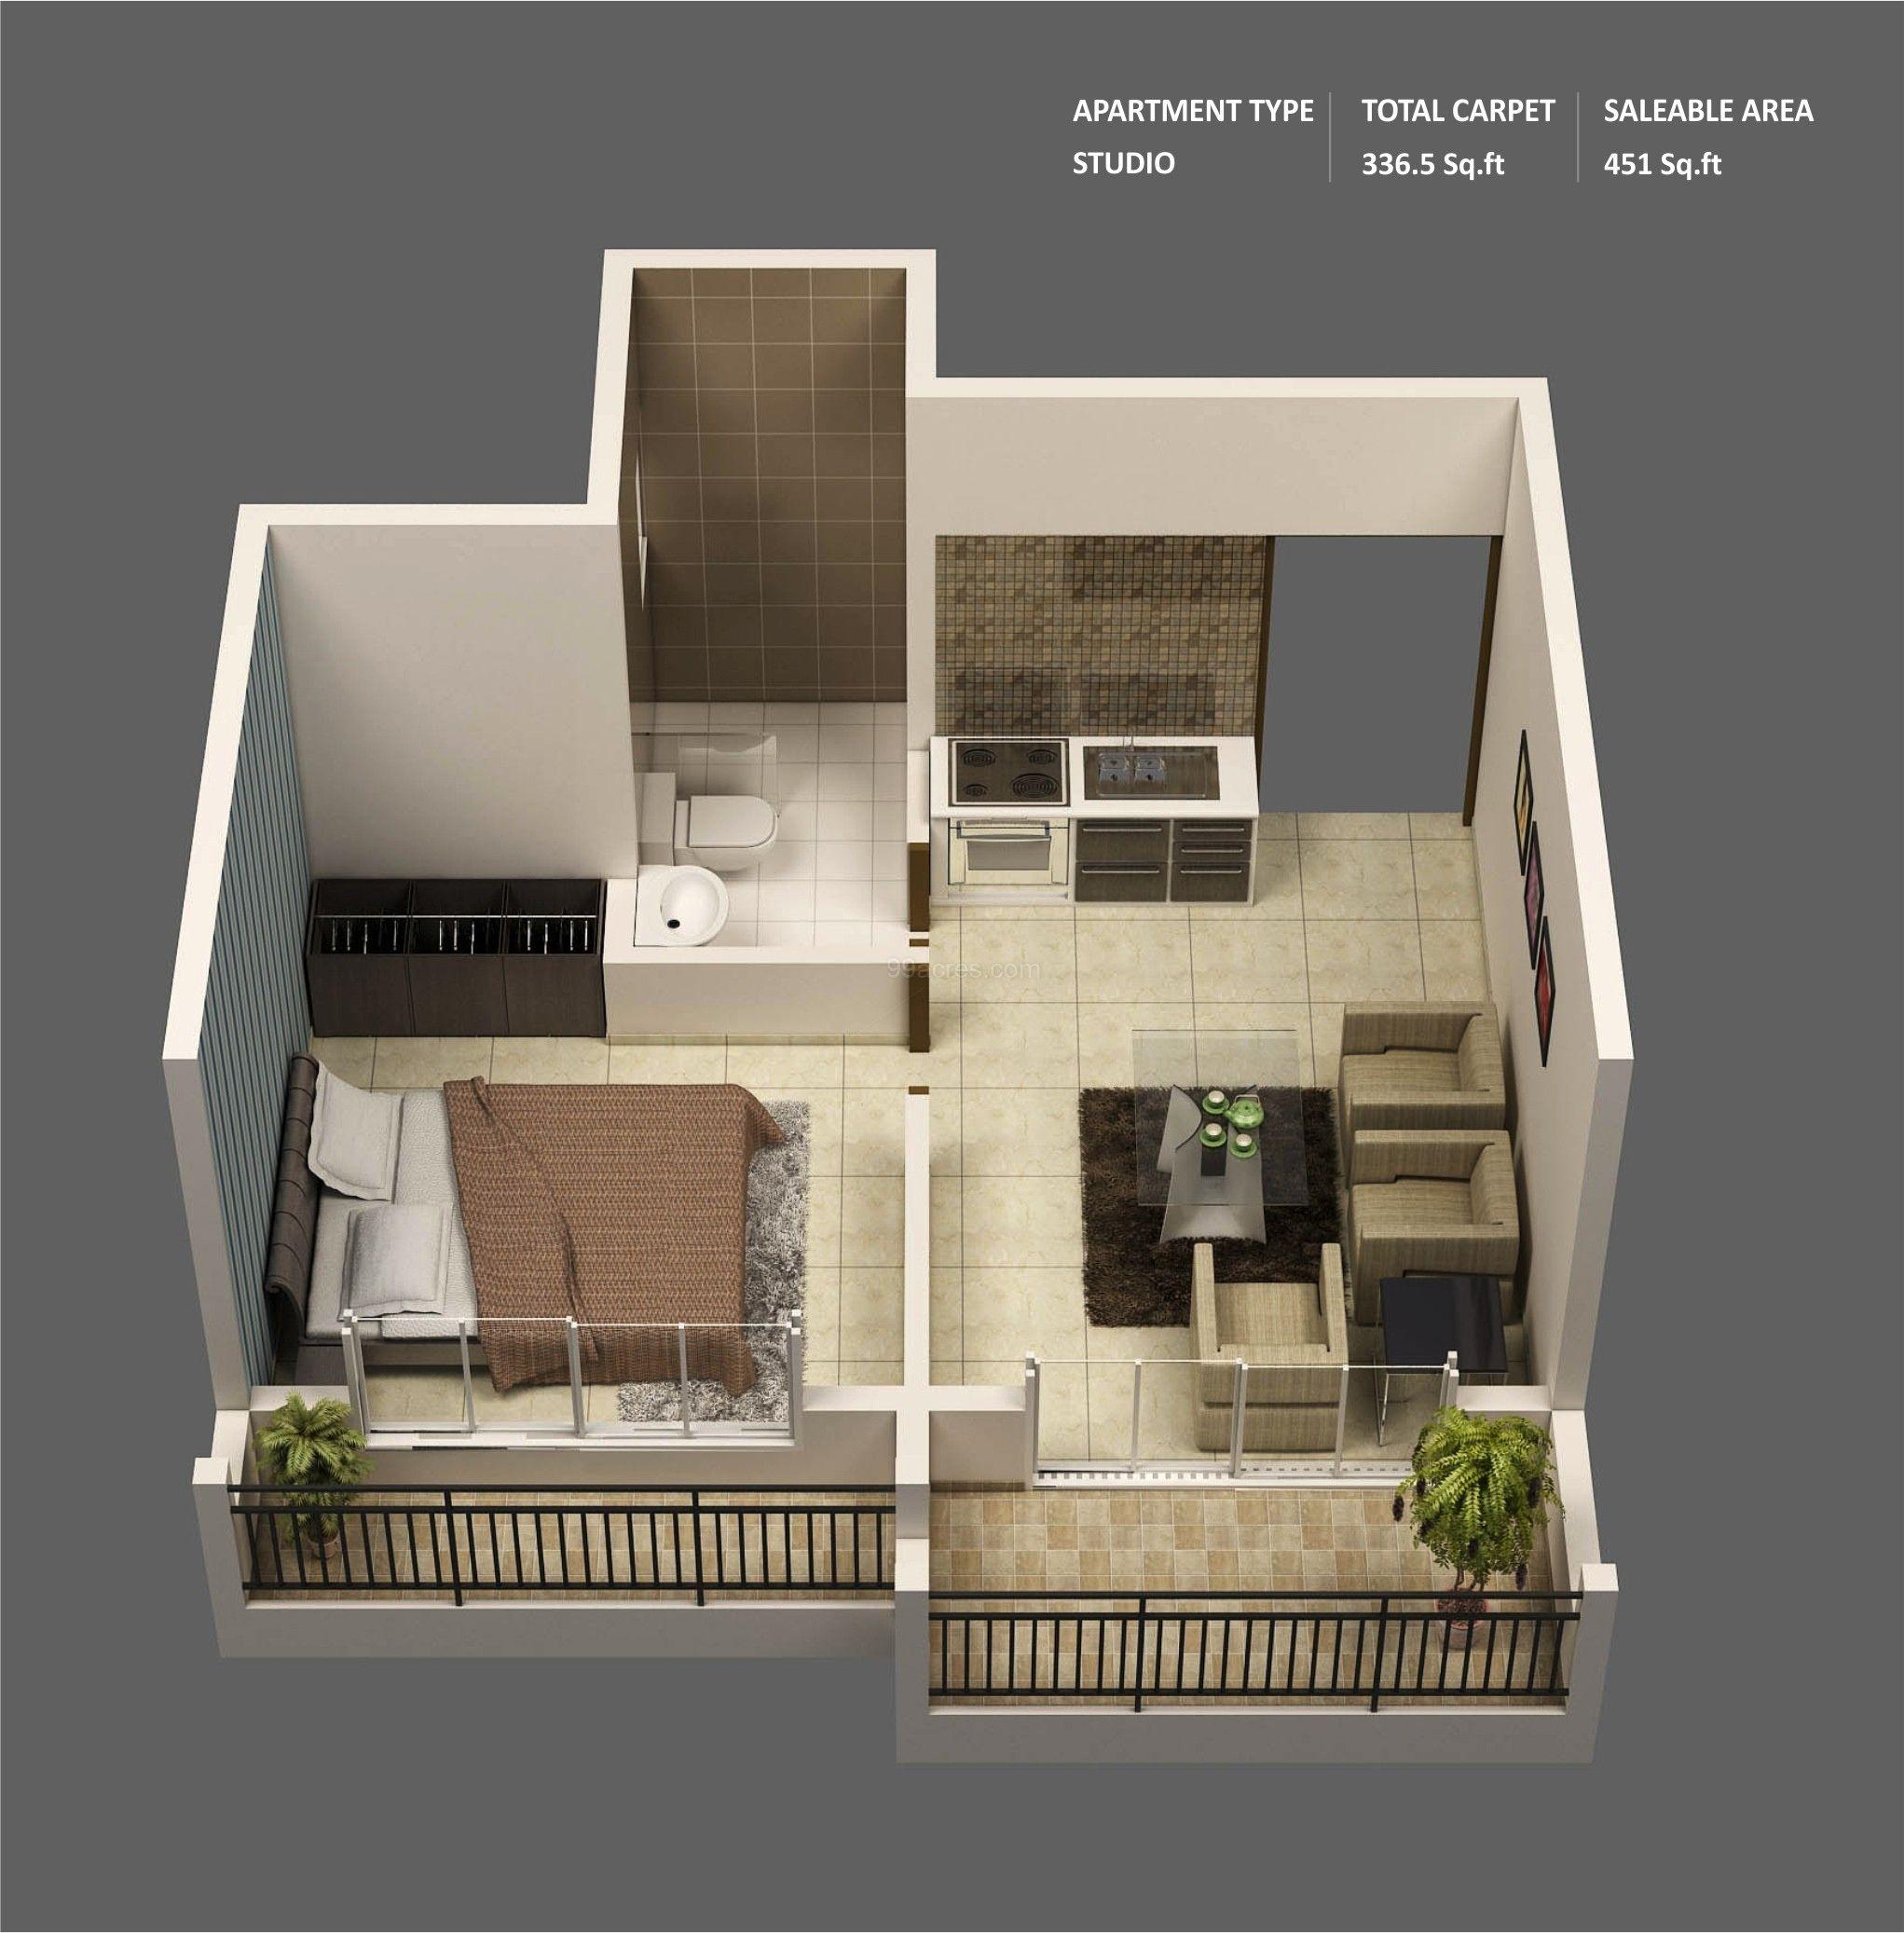 Haus Wohnung Zur Miete Studio Apartments Zur Miete